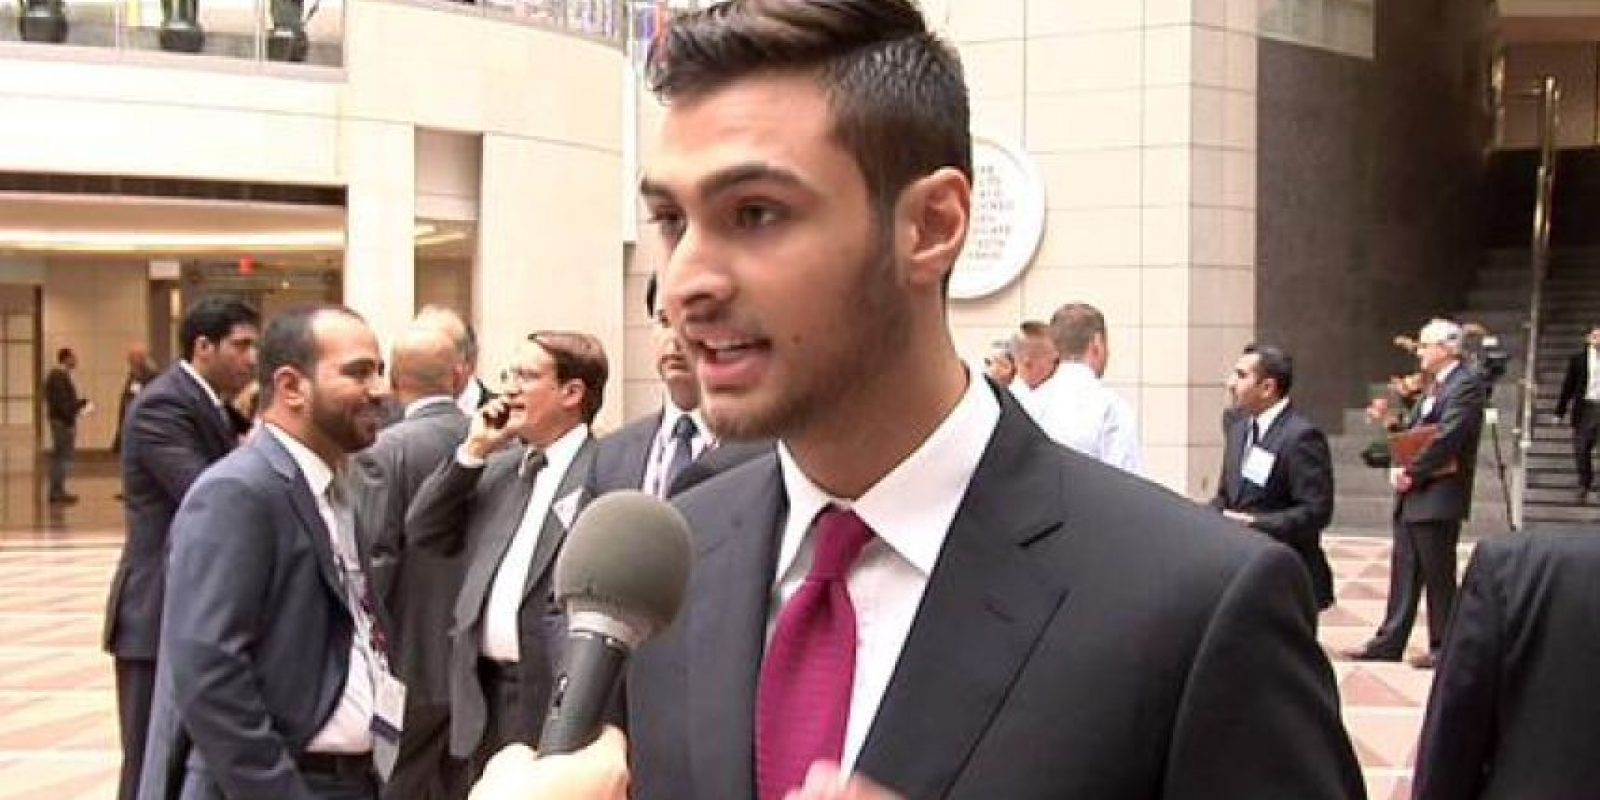 Majed Abdulazis Al-Saud, de 29 años, es acusado de haber forzado a la trabajadora a realizarle sexo oral. Foto:Twitter.com/BBhuttoZardarii